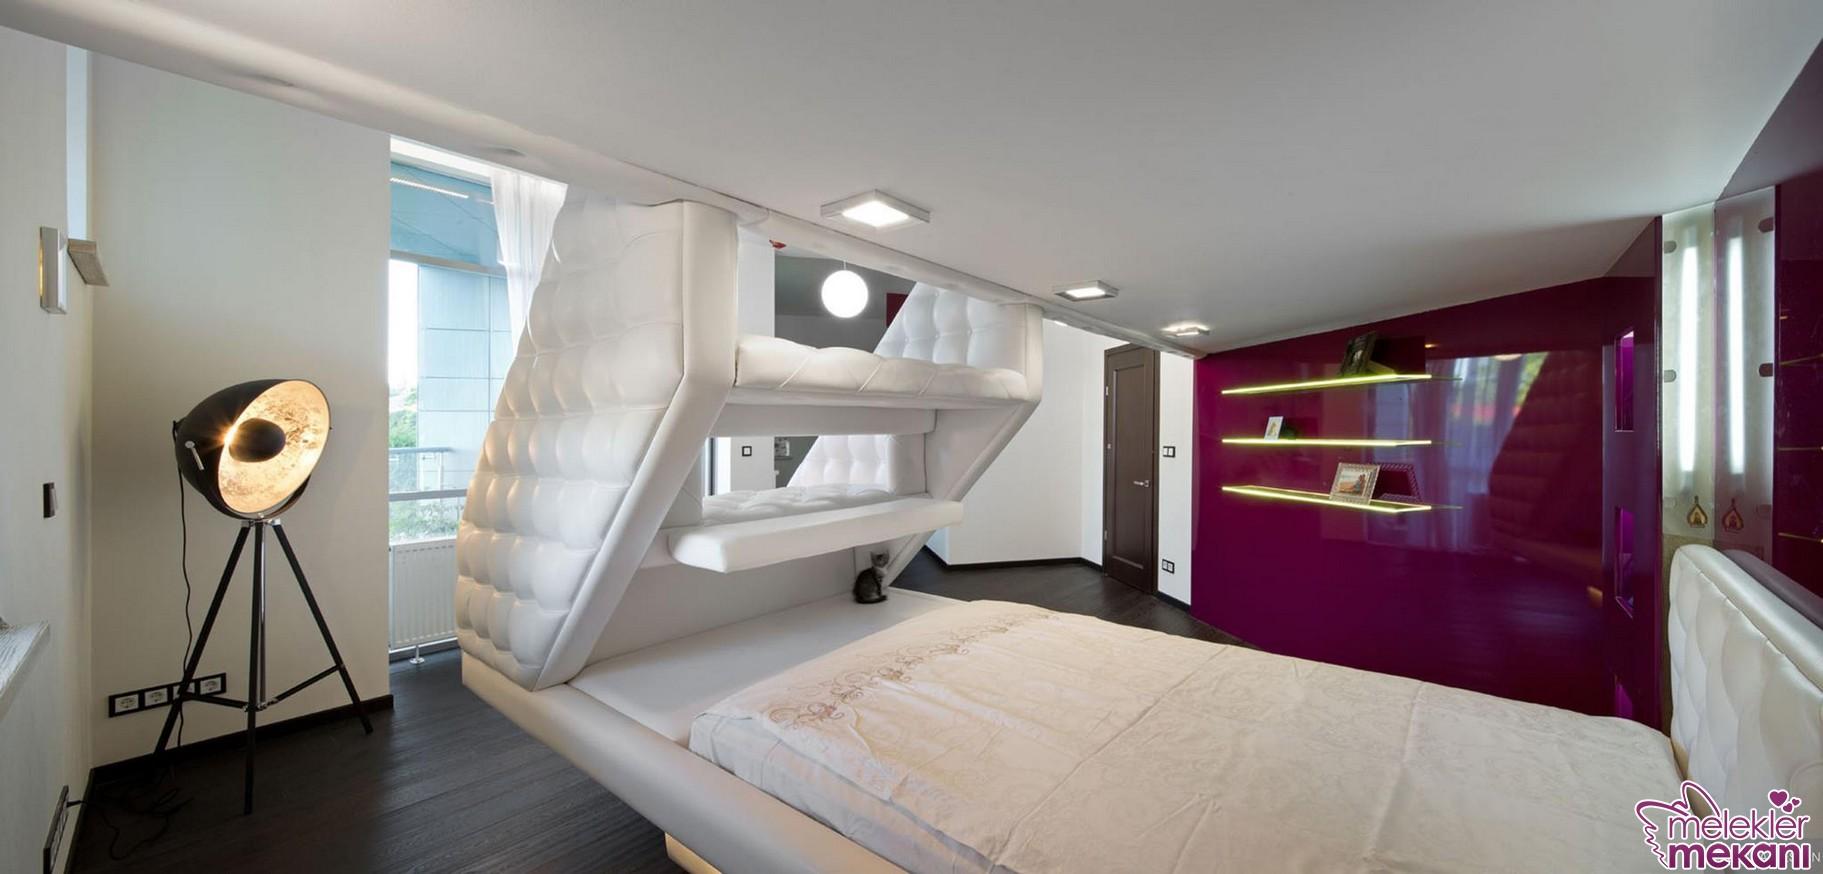 Beyaz farklı dizayn yapılı yatak odası model uygulaması ile yatak odalarınızdaki dekoratifliğe yer açabilirsiniz.